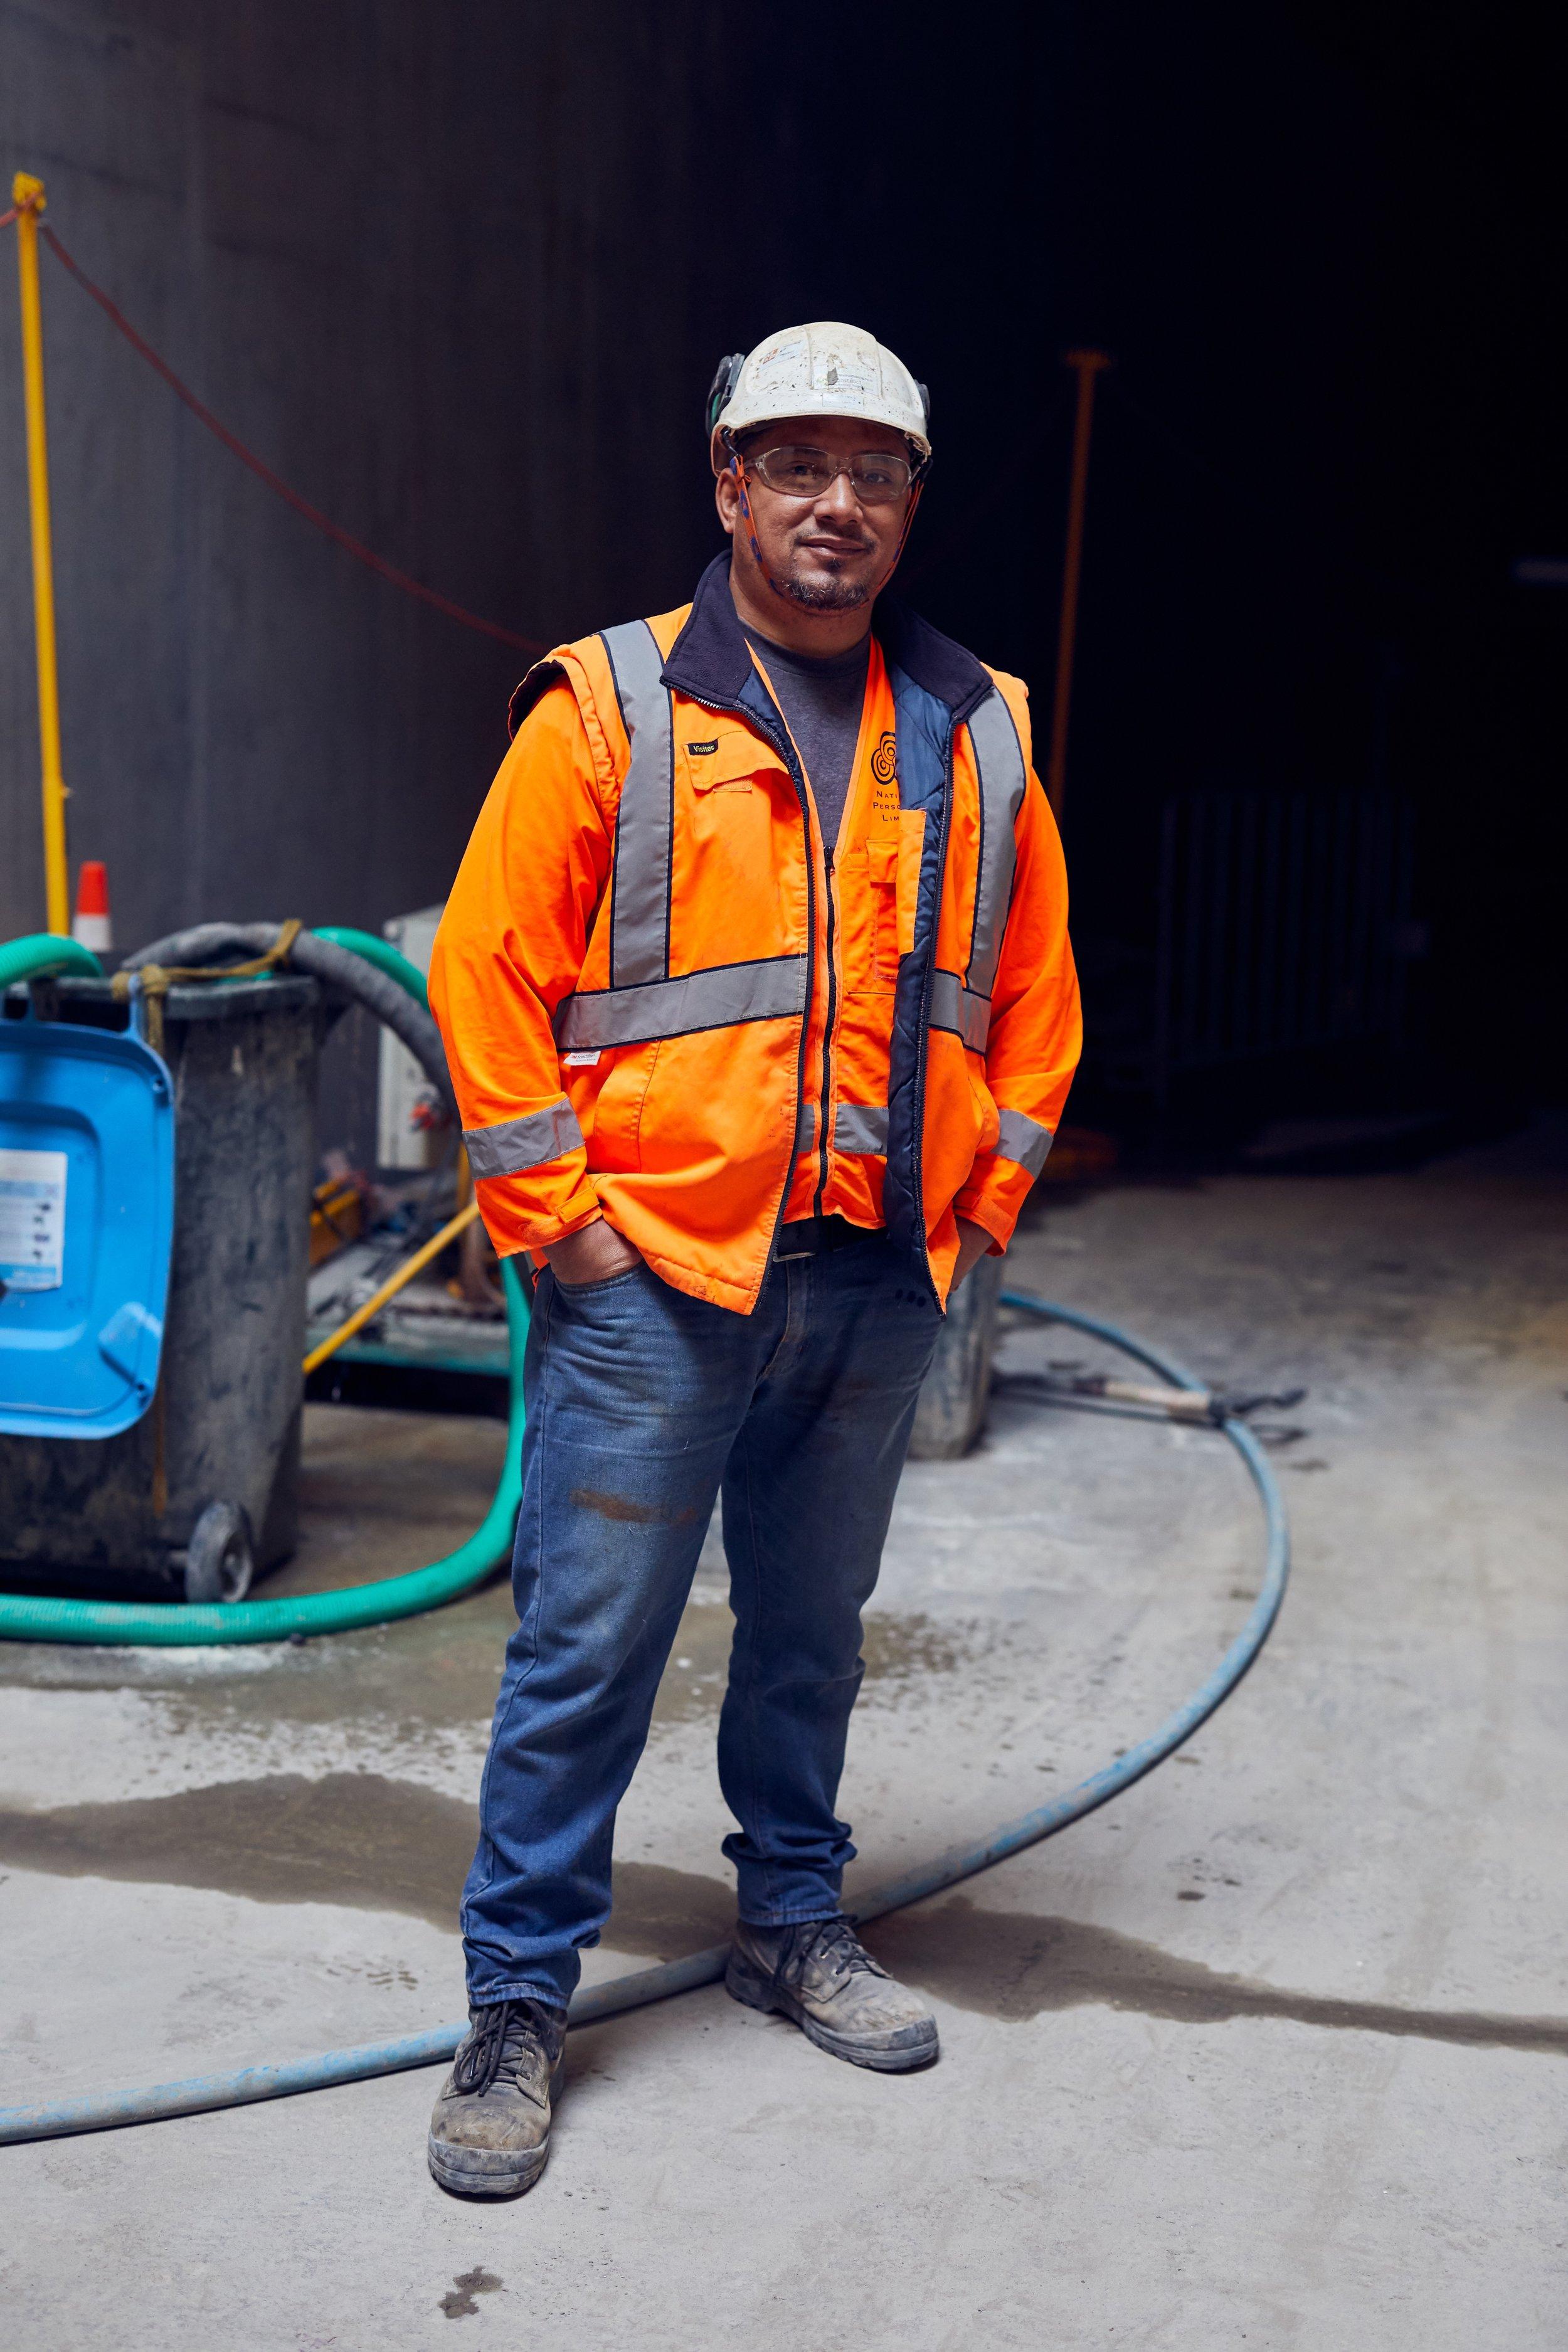 C2 worker